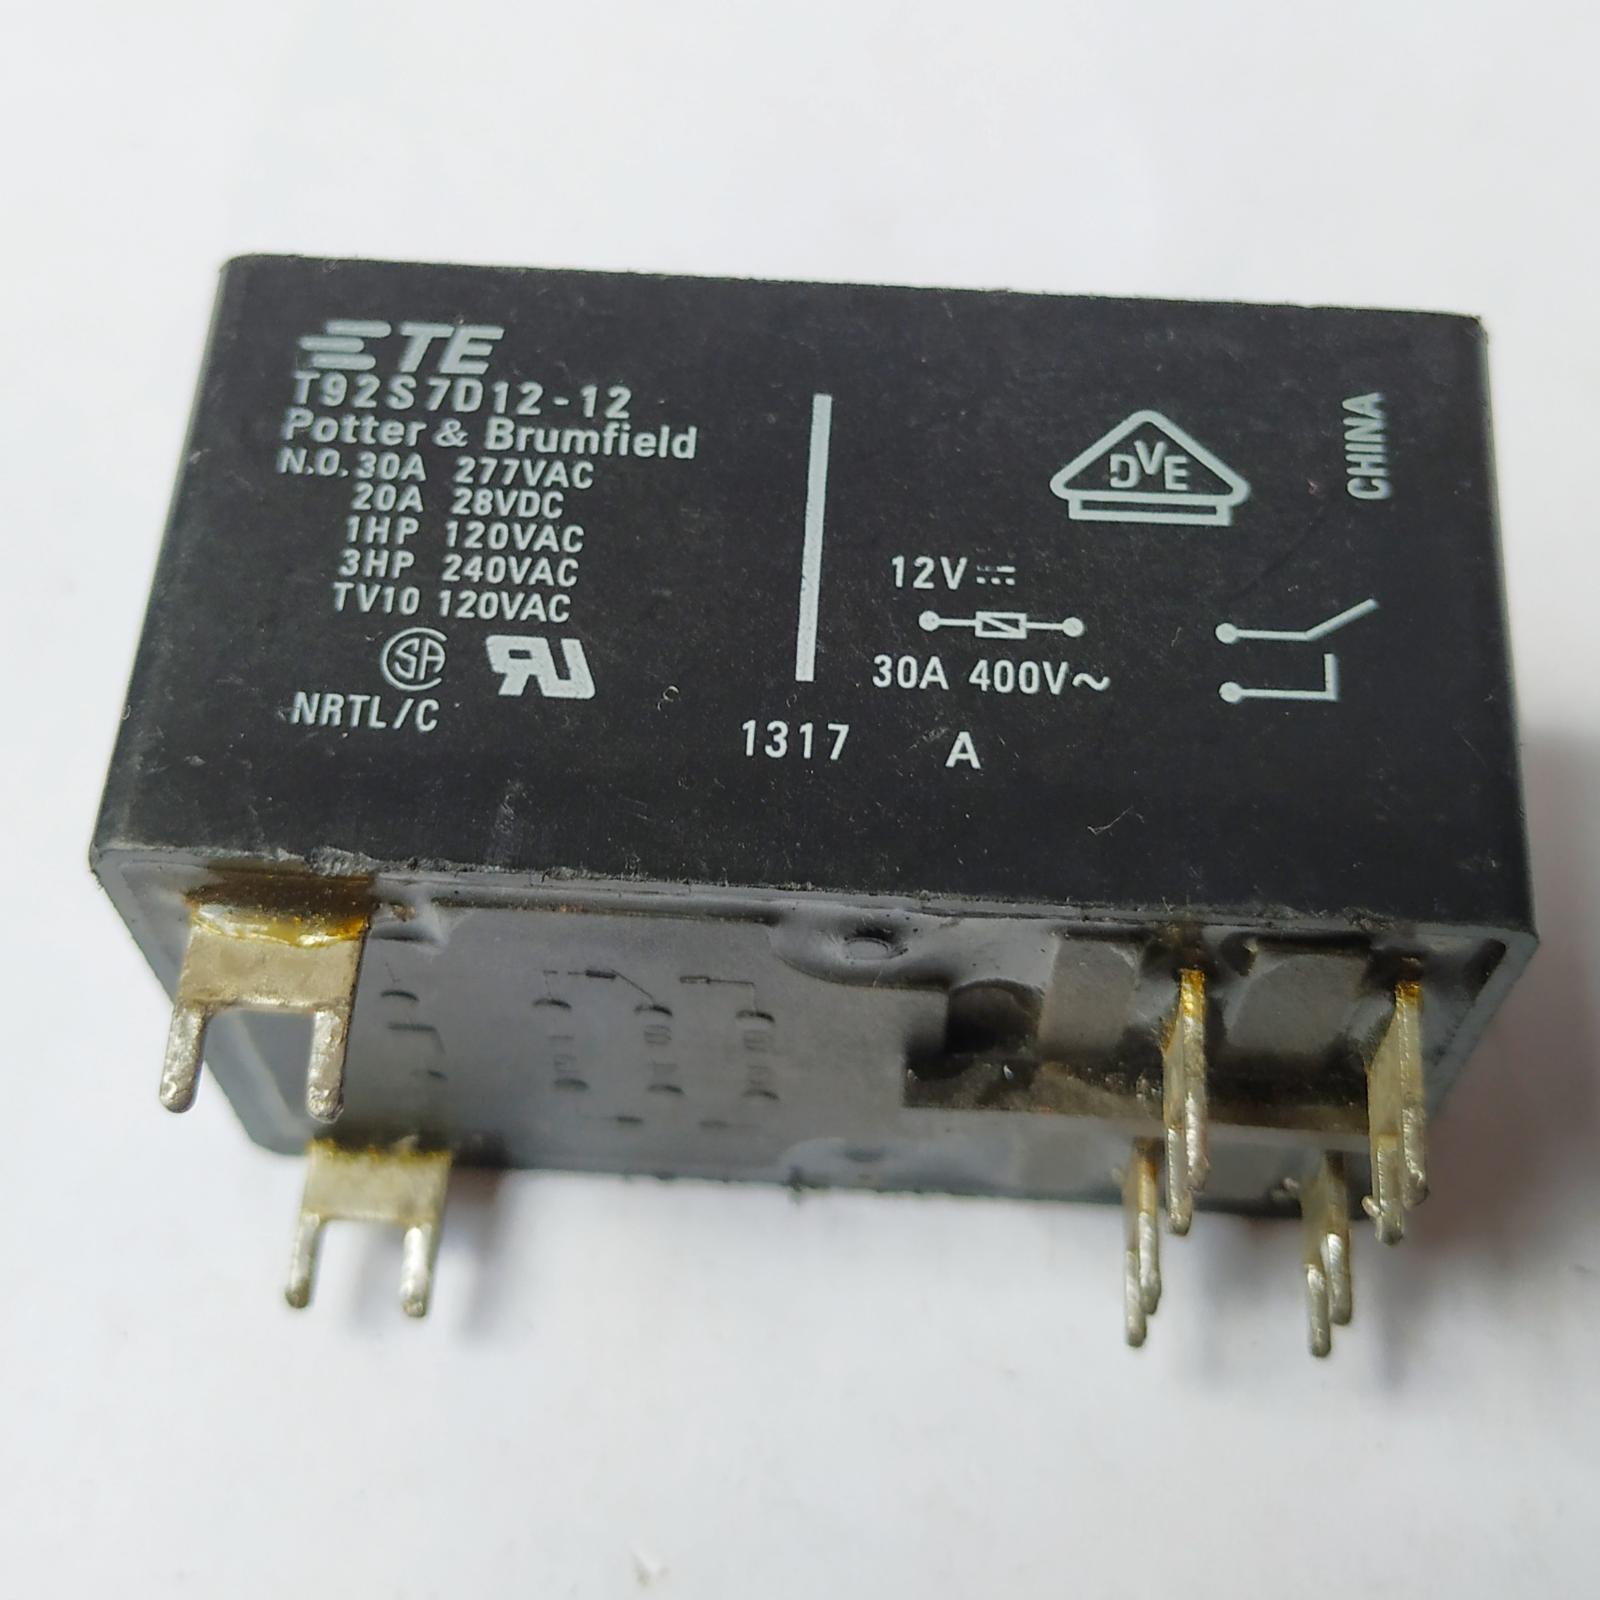 t92s7d12-12